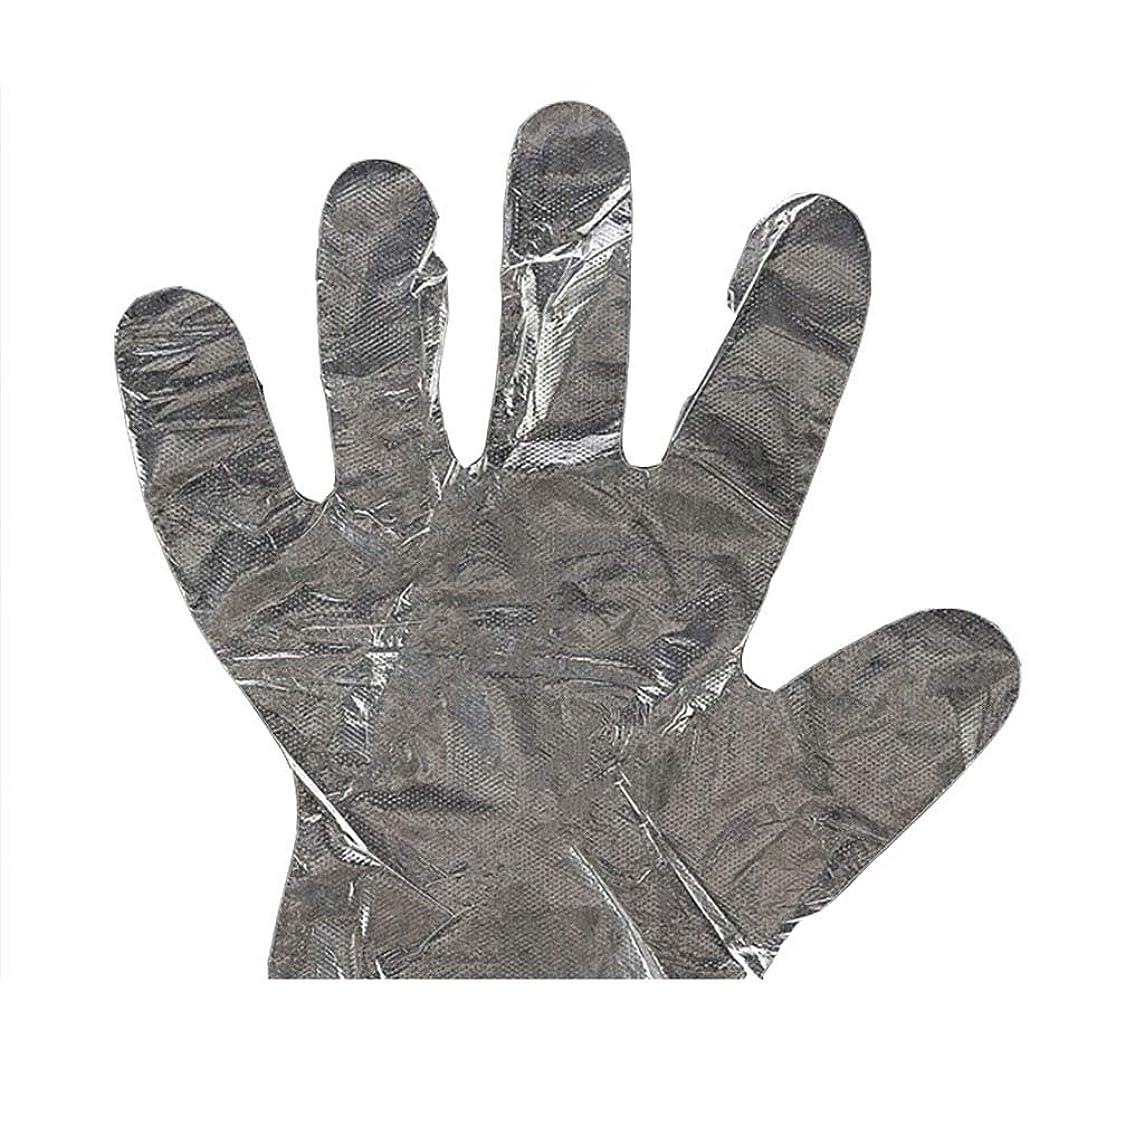 蒸留するレバーより平らな手袋の使い捨て手袋PEの衛生的な食糧手袋100パッケージ